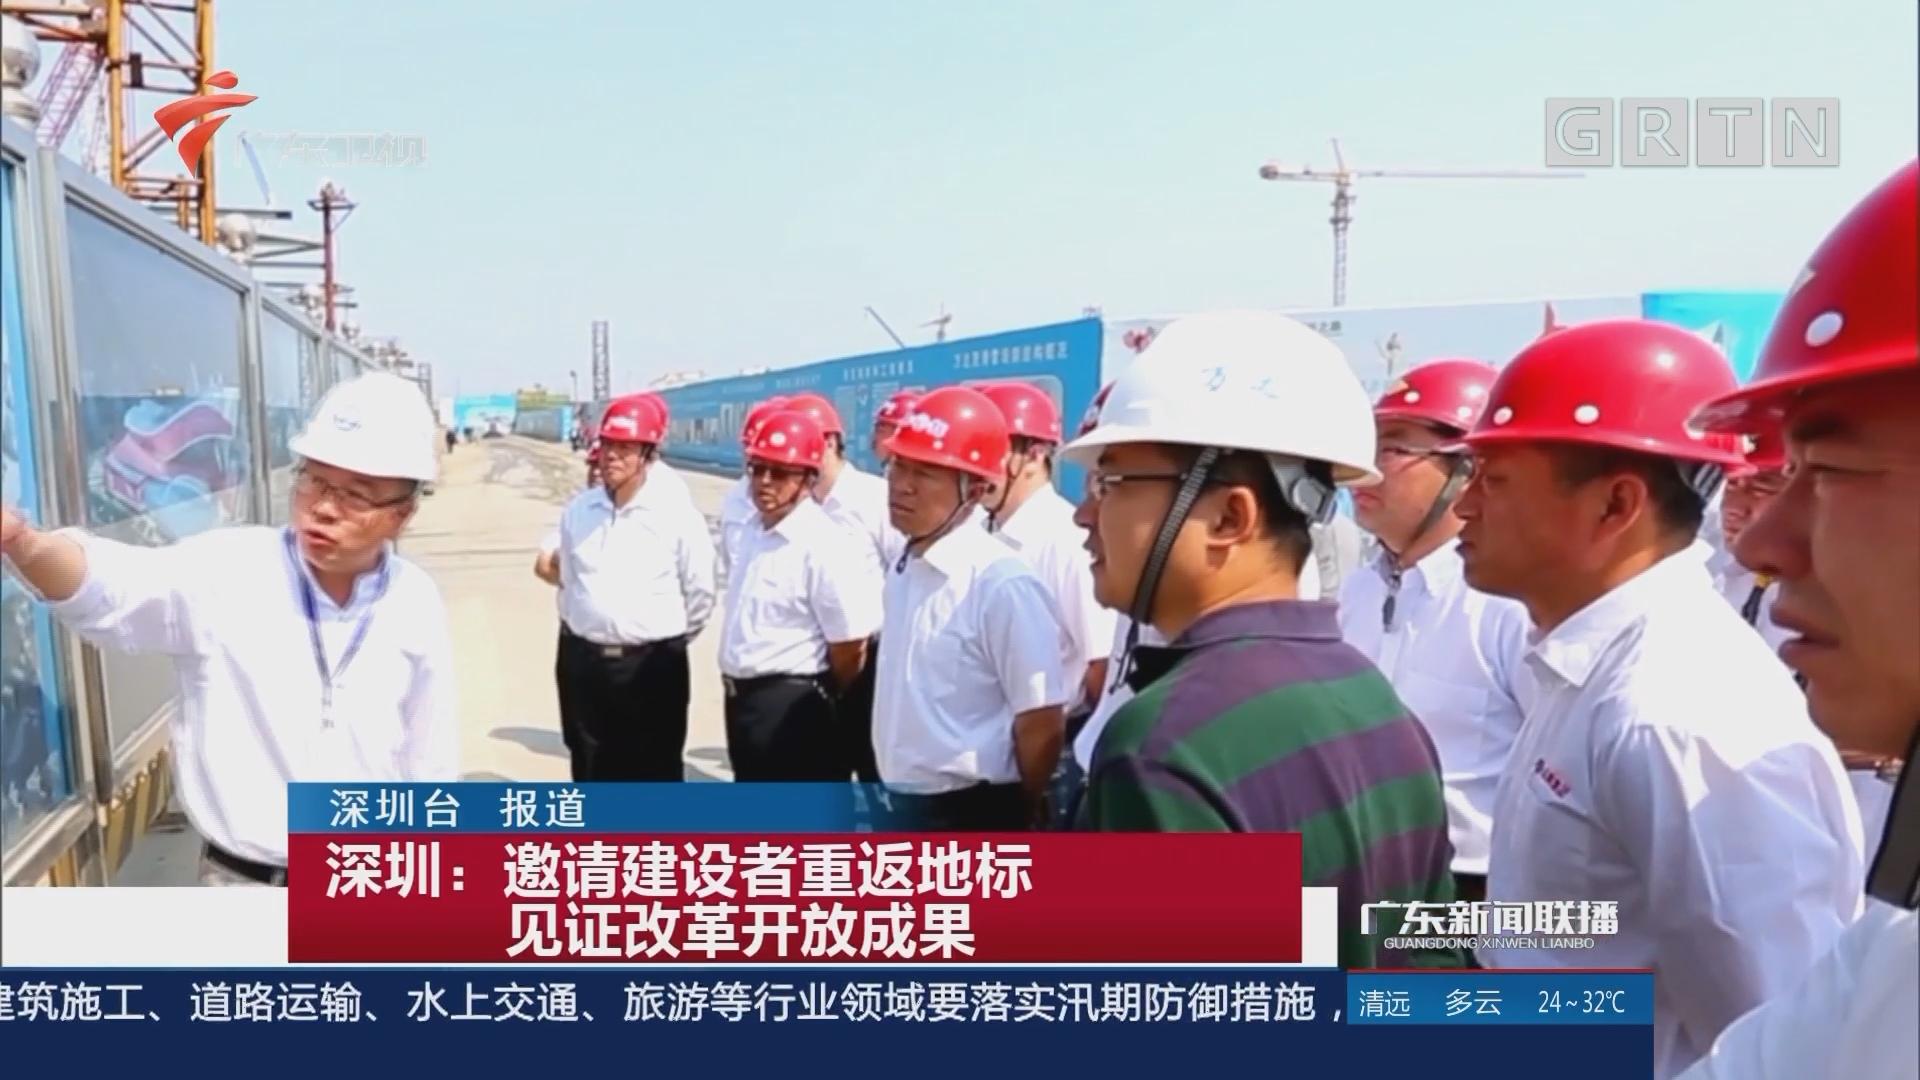 深圳:邀请建设者重返地标 见证改革开放成果